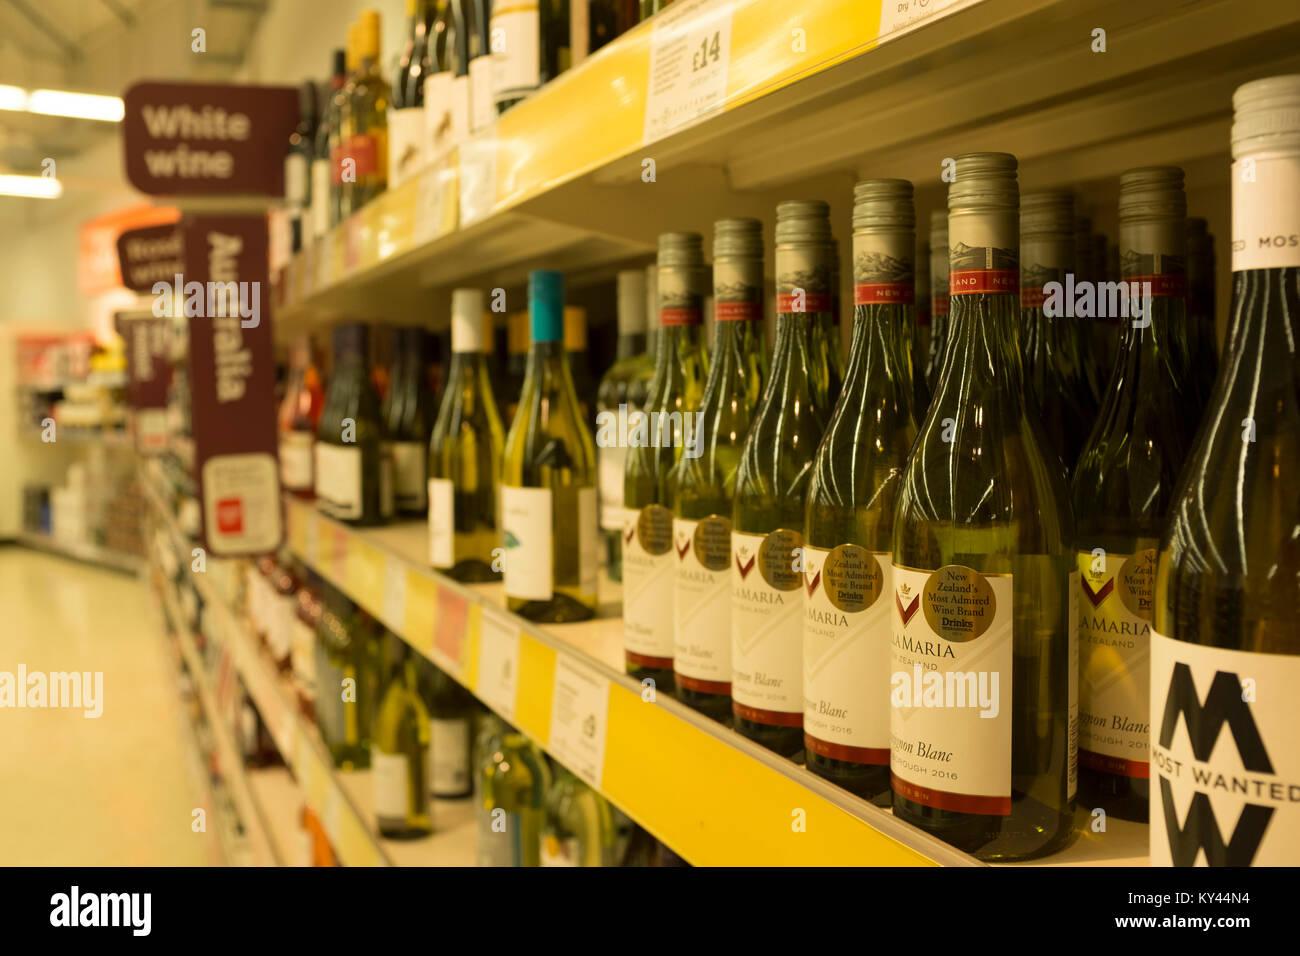 Wine bottles on shelves at Sainsbury's supermarket, UK - Stock Image